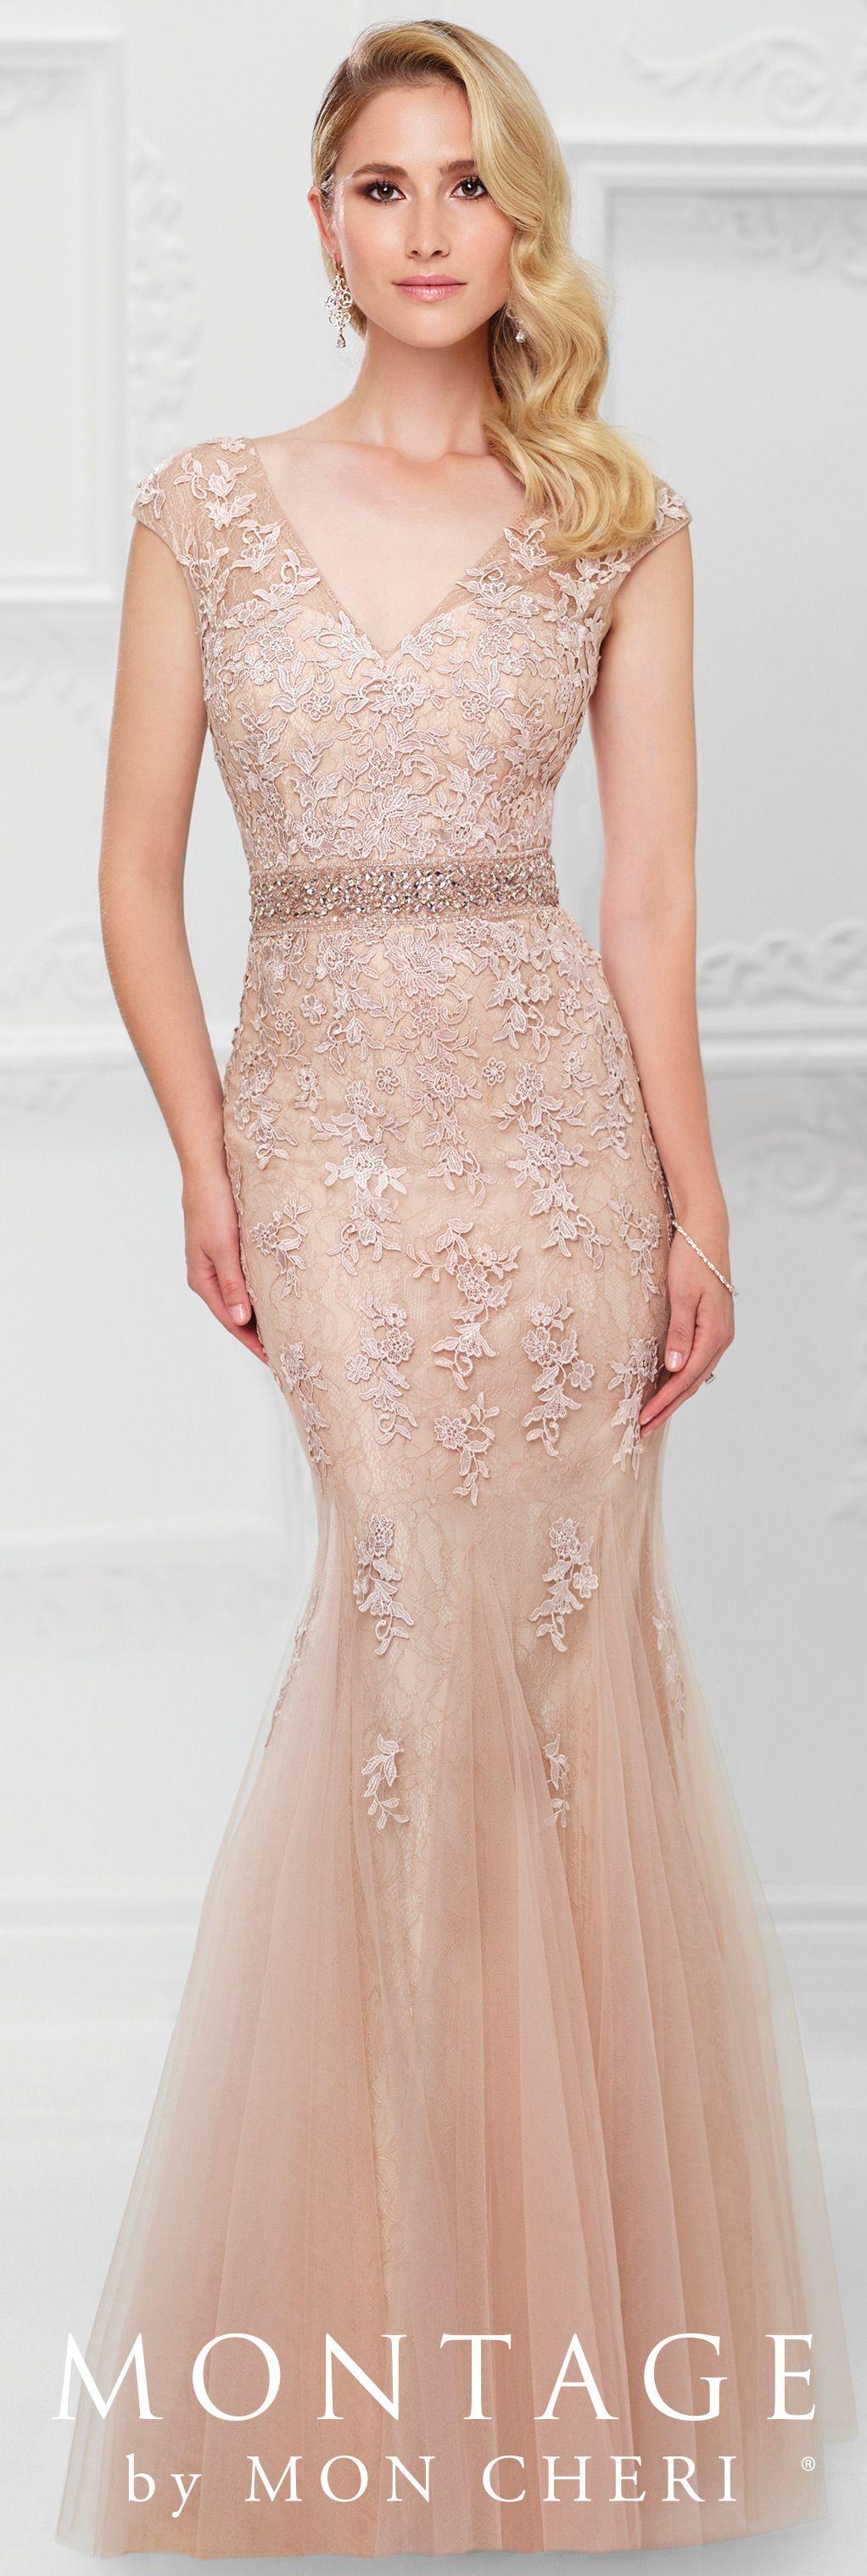 117907 | Flores para dibujar, Vestidos de fiesta y Vestido bordado